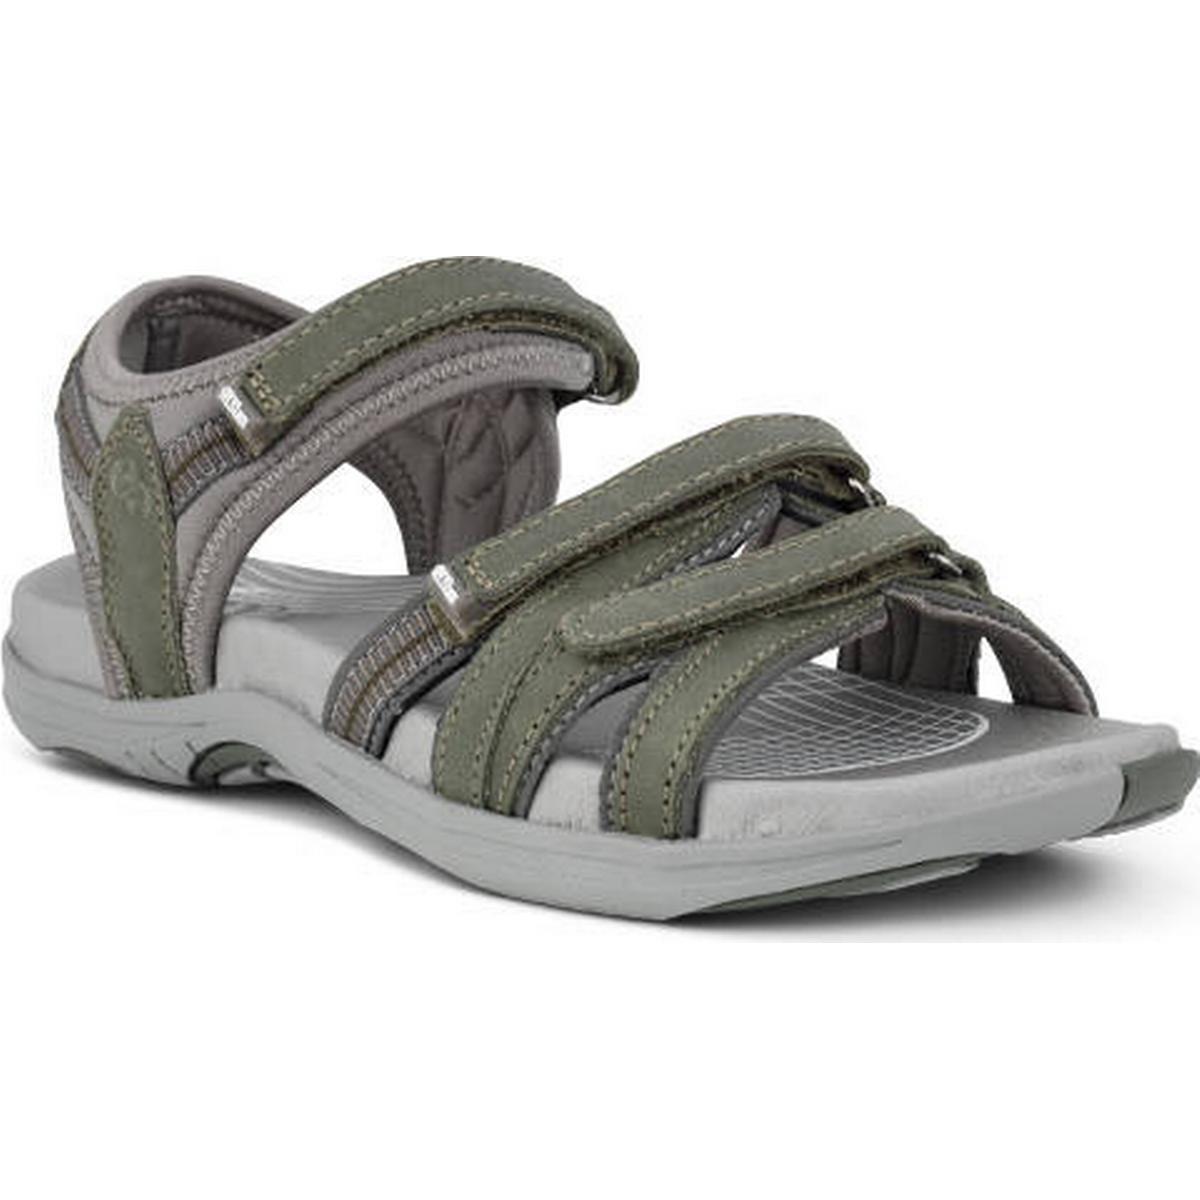 7e77b9956b8 Green Comfort Sko - Sammenlign priser hos PriceRunner